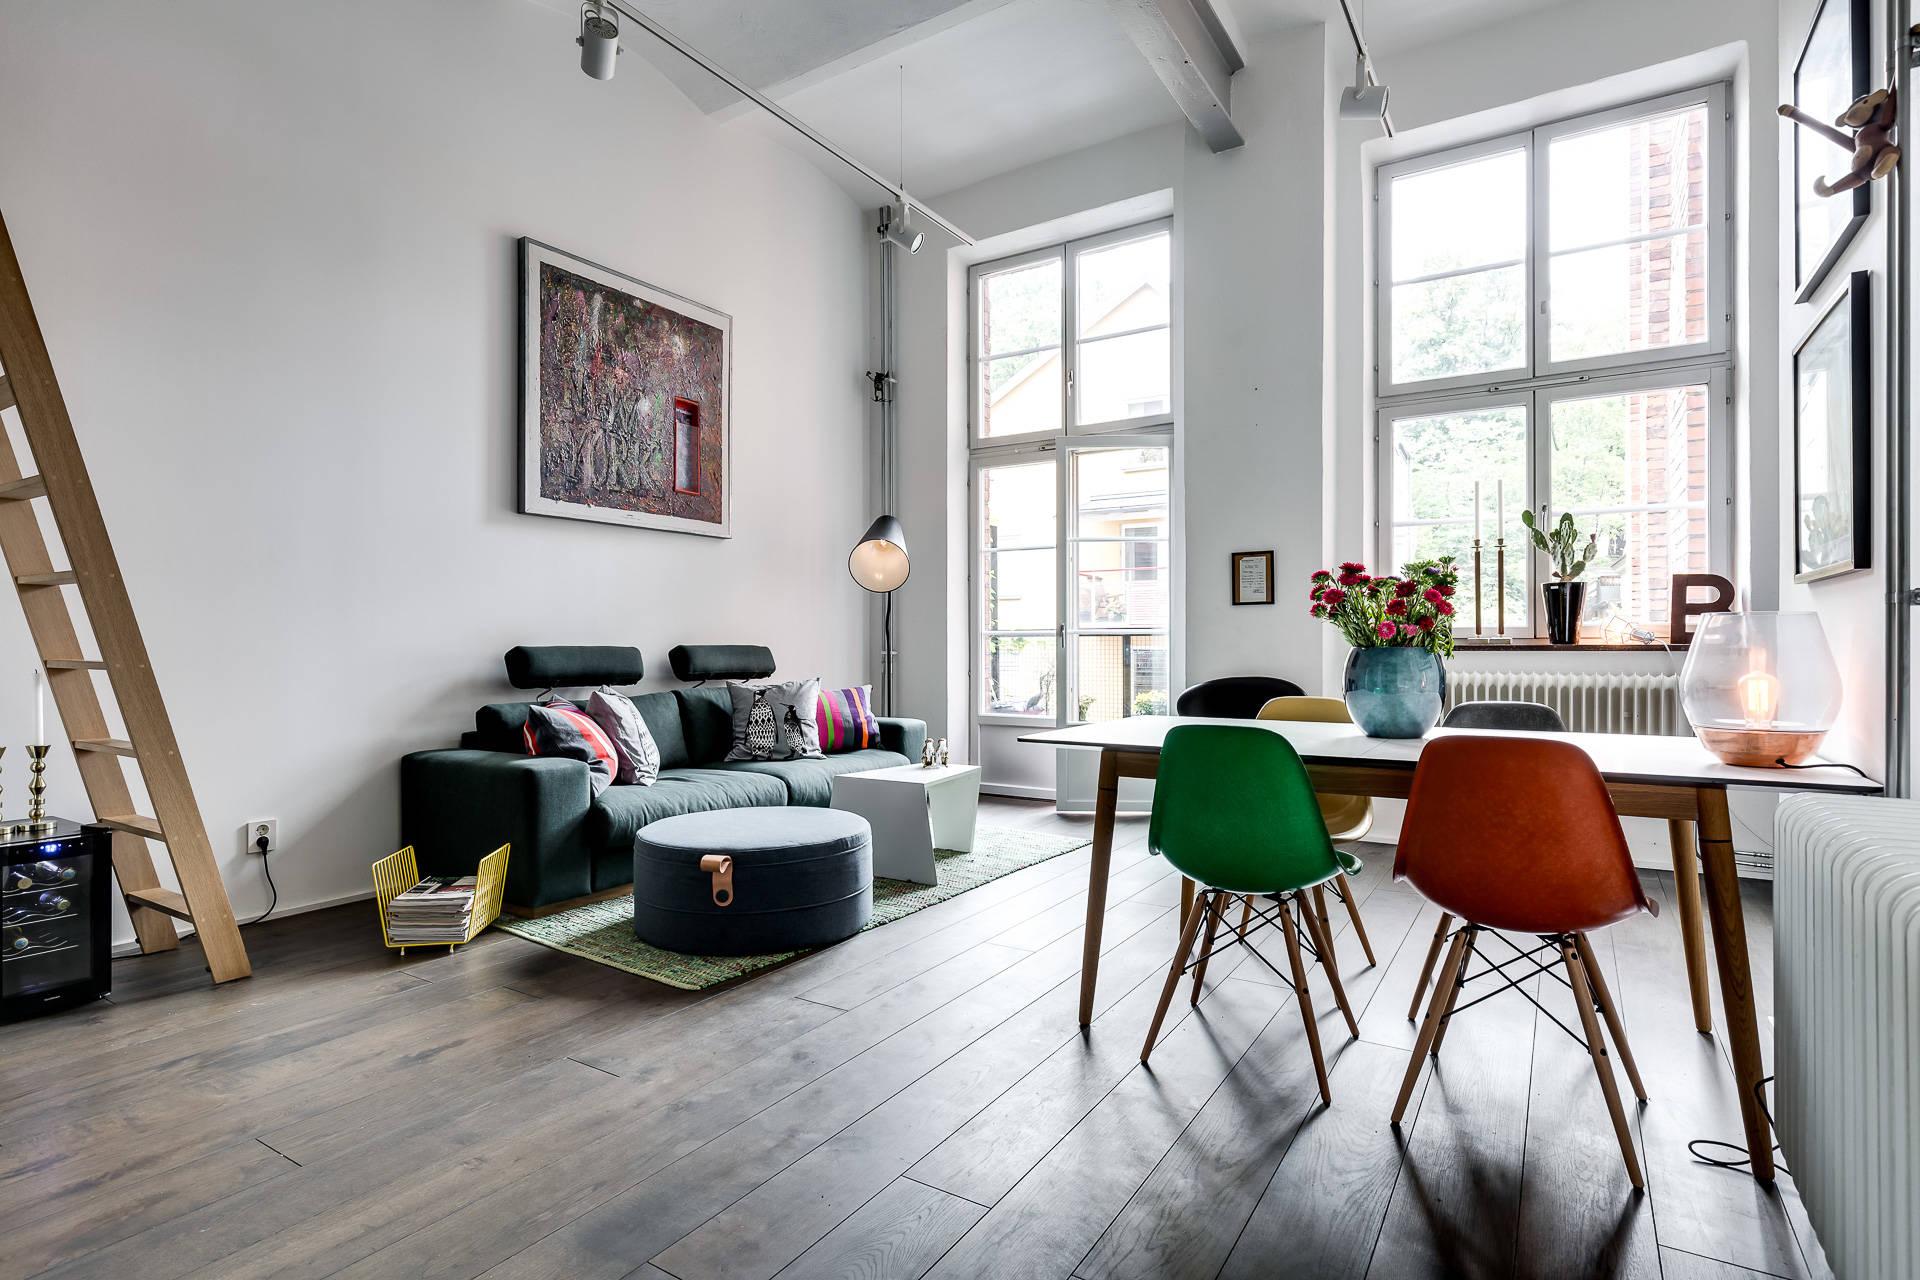 D plex industrial masculino y con color blog tienda for Decoracion duplex pequenos